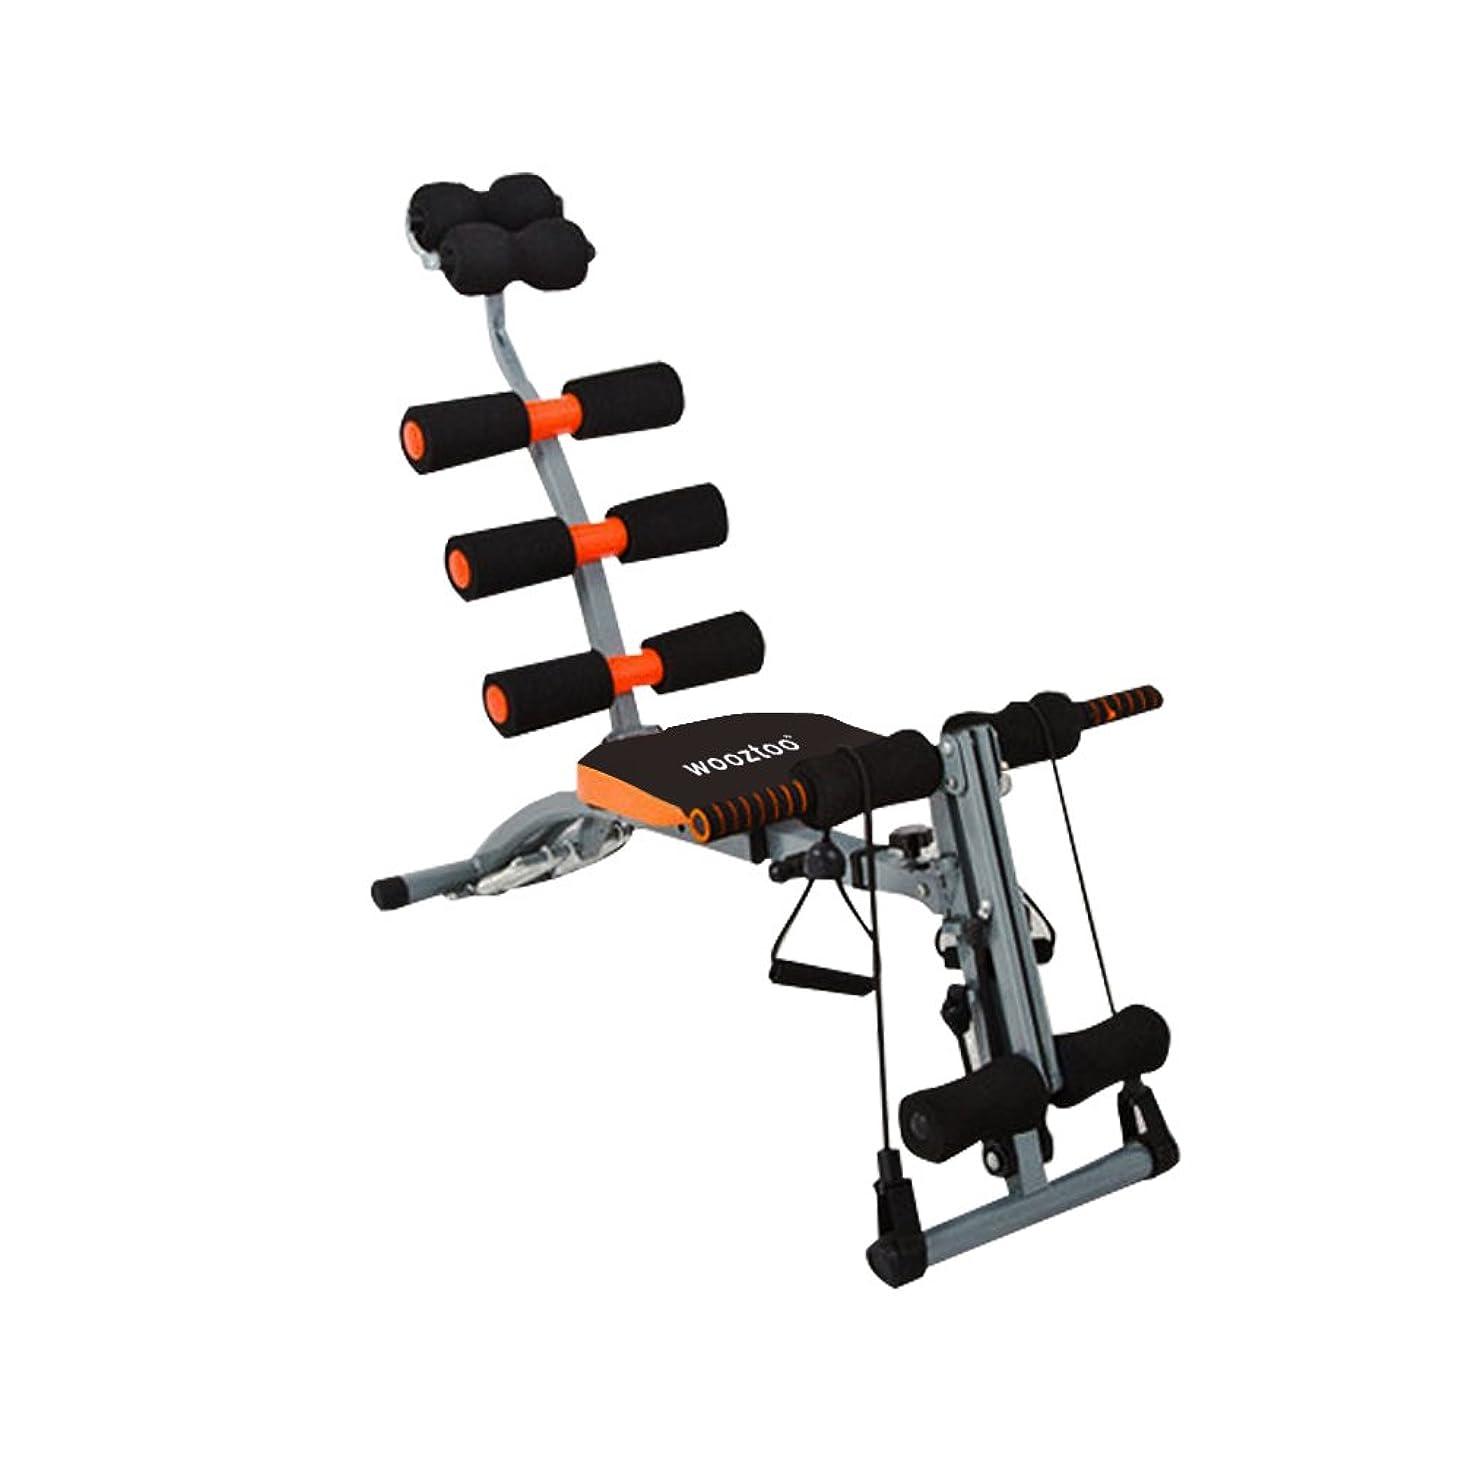 支出アサート情熱wooztoo 腹筋マシン フィットネス 筋トレ 腹筋 ローラー エクササイズ トレーニング ダイエット 六種類の運動をこの一台に! 室内用